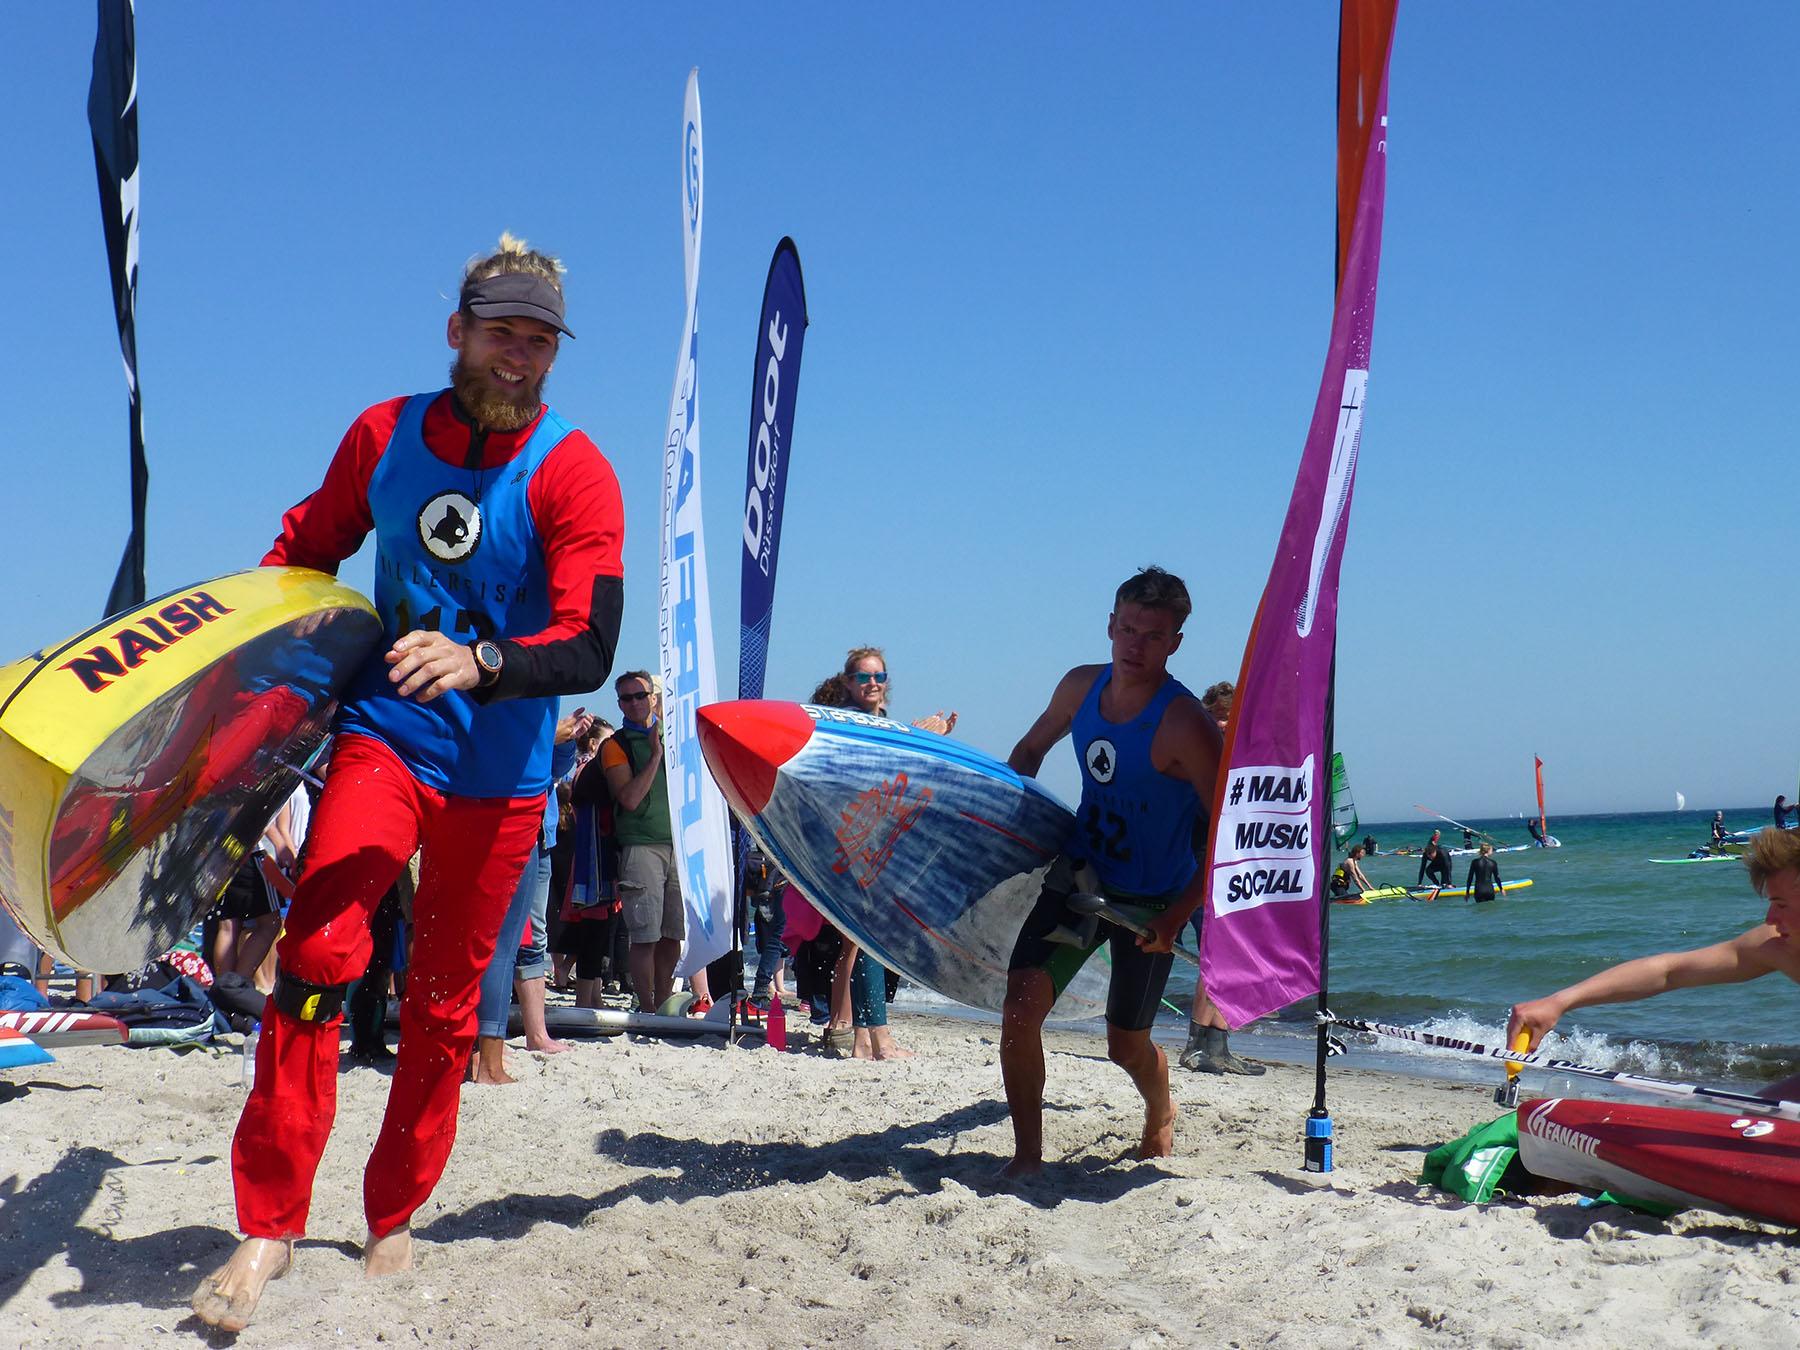 german sup challenge fehmarn surffestival 016 07 - Ultimate Beachrace Action @German SUP Challenge Fehmarn 016